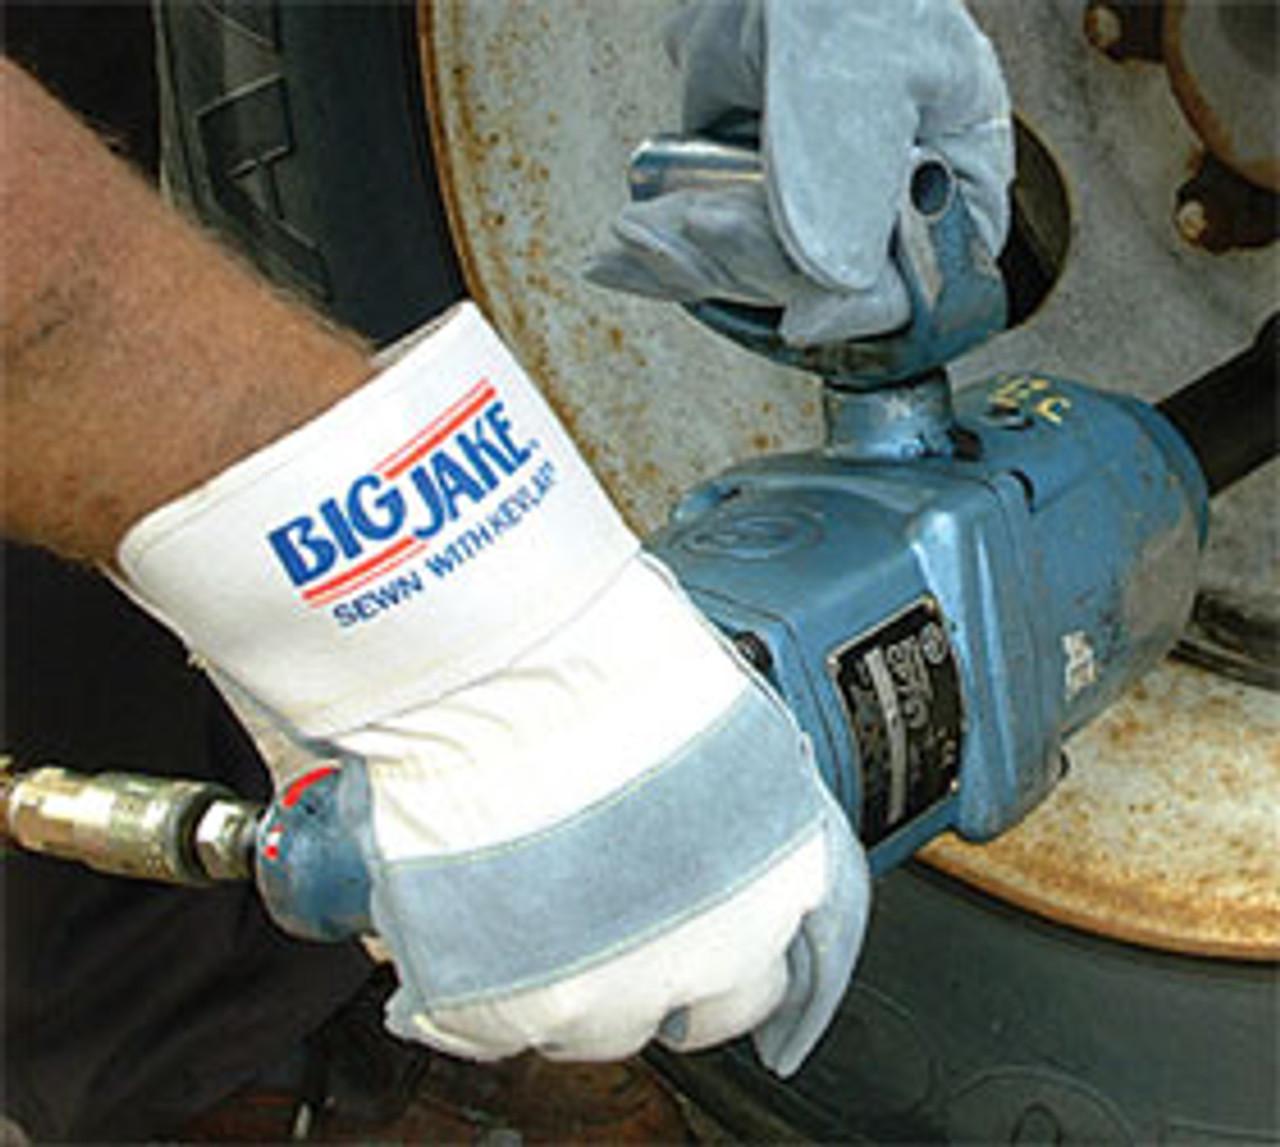 Big Jake Leather Gloves